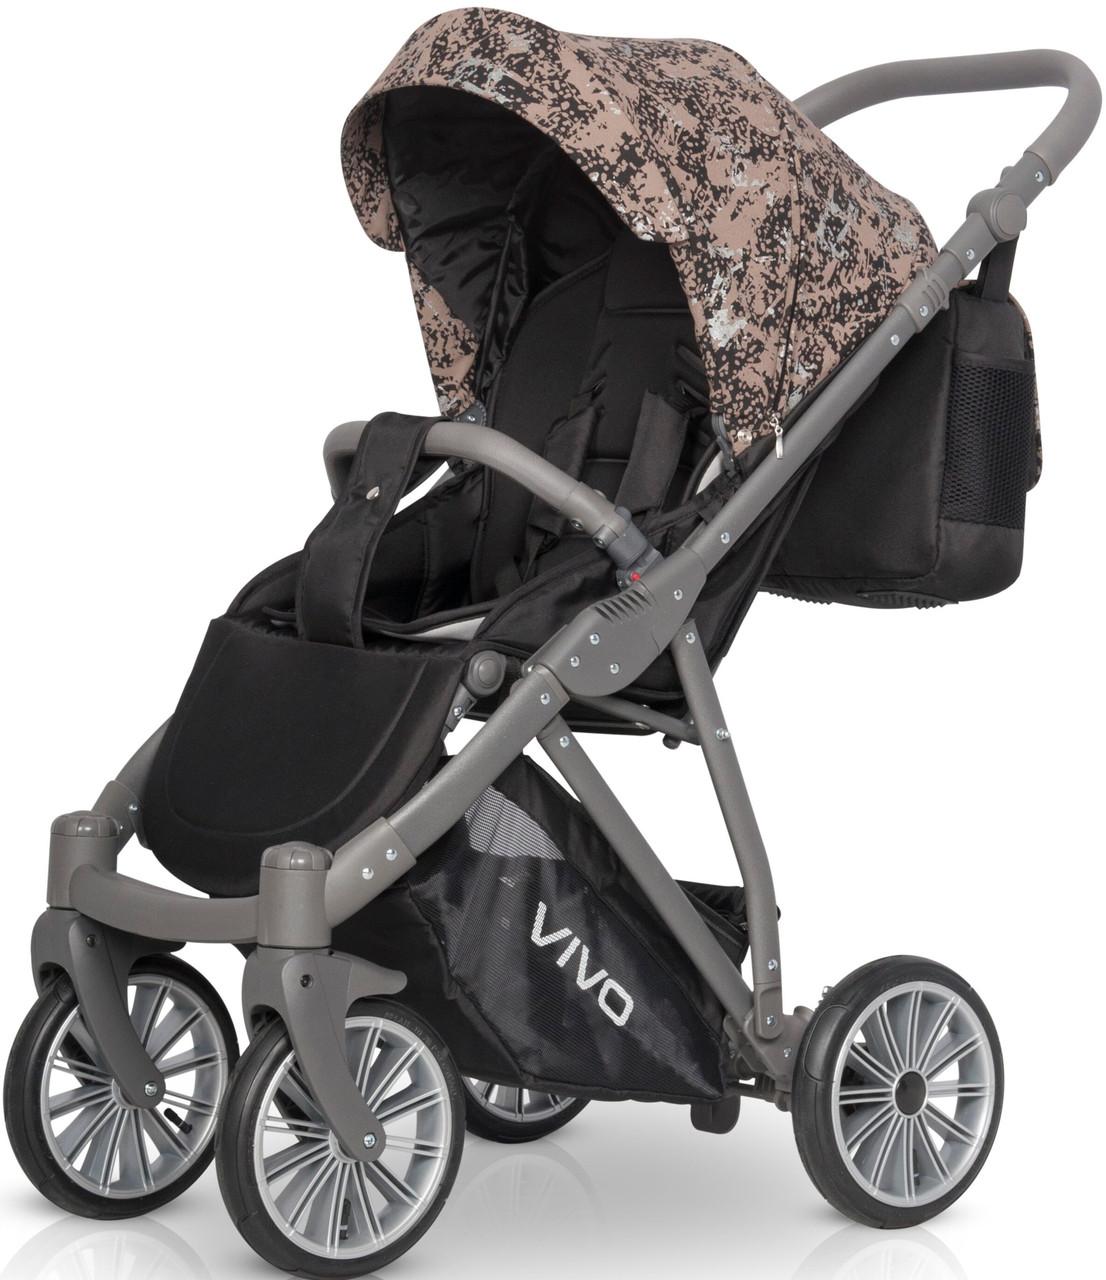 Детская универсальная прогулочная коляска Expander Vivo 02